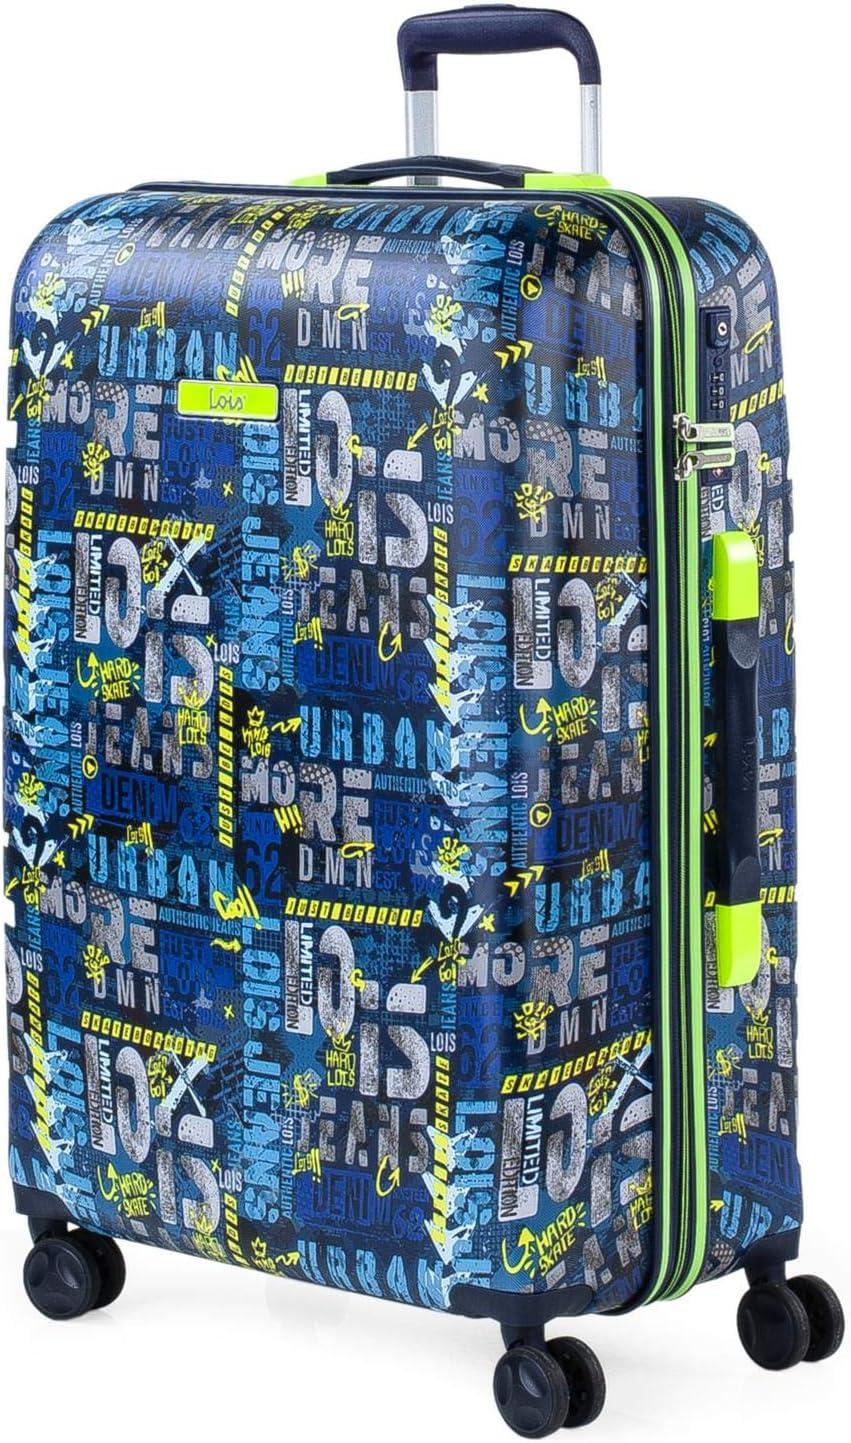 Lois - Maleta de Viaje Trolley 66 cm Mediana ABS Estampado y Texturizado. Rígida, Resistente y Ligera. Mango Telescópico, 2 Asas Retráctiles. 4 Ruedas Dobles 131760, Color Marino